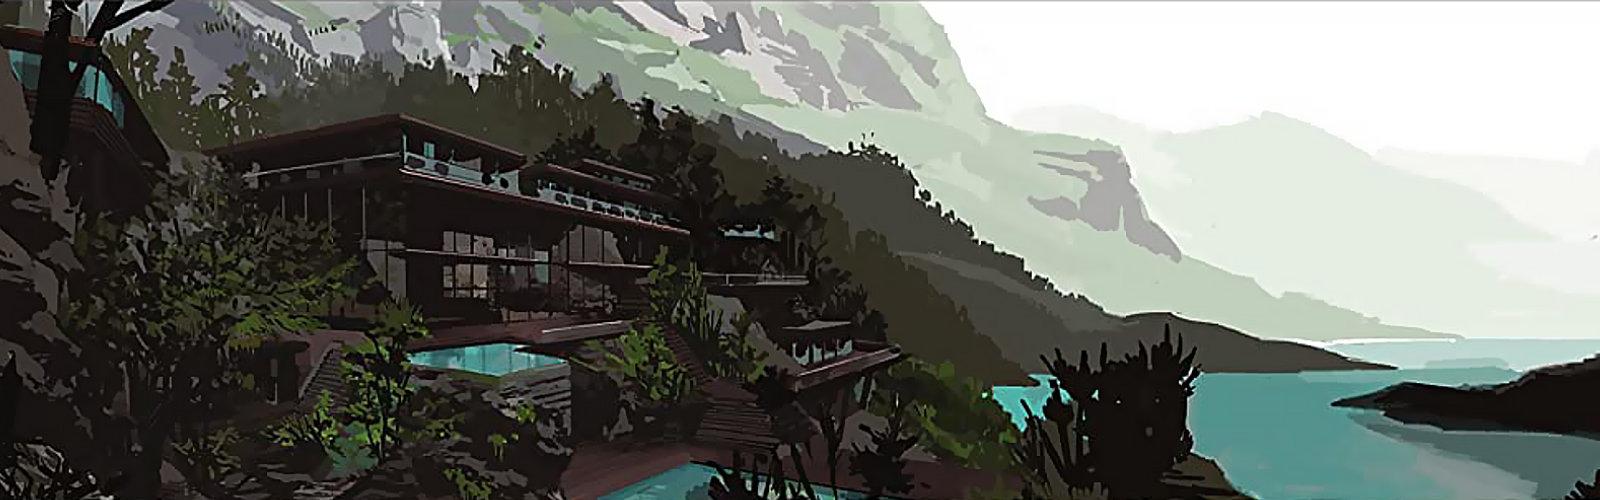 Nice House on the Lake #1